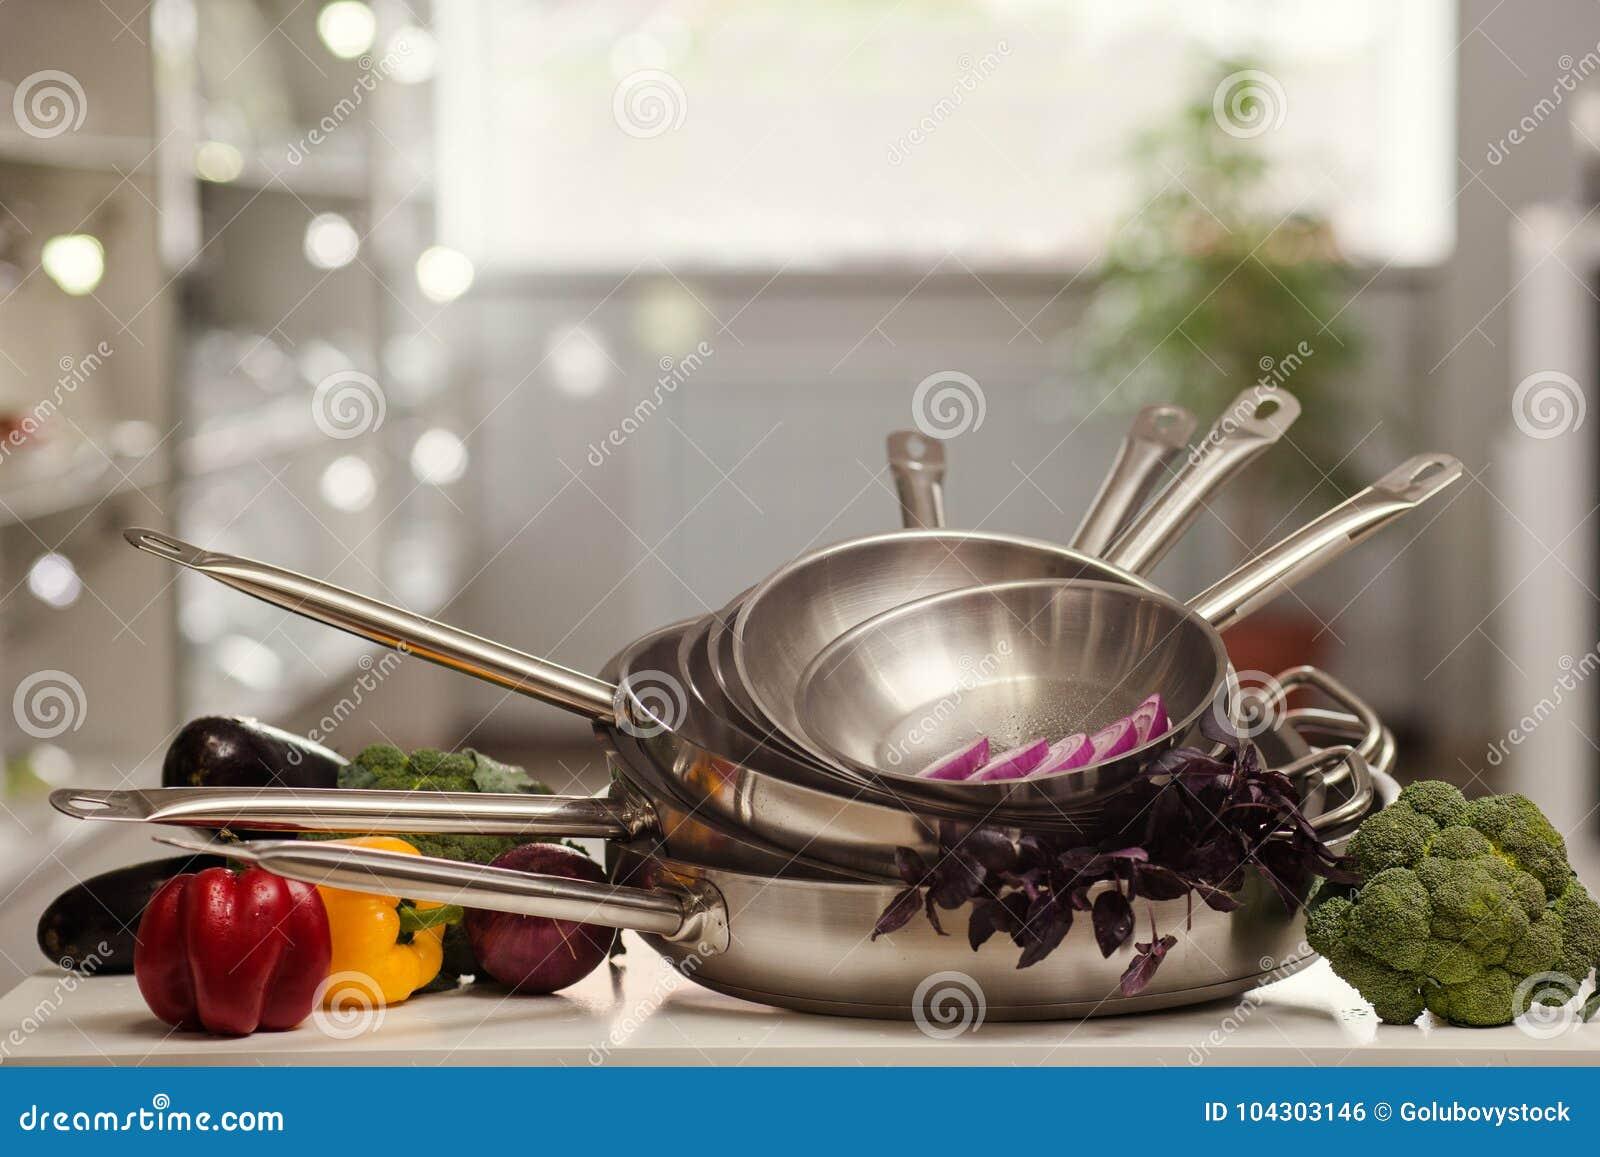 Küchengerätshop-Anzeigenkochen